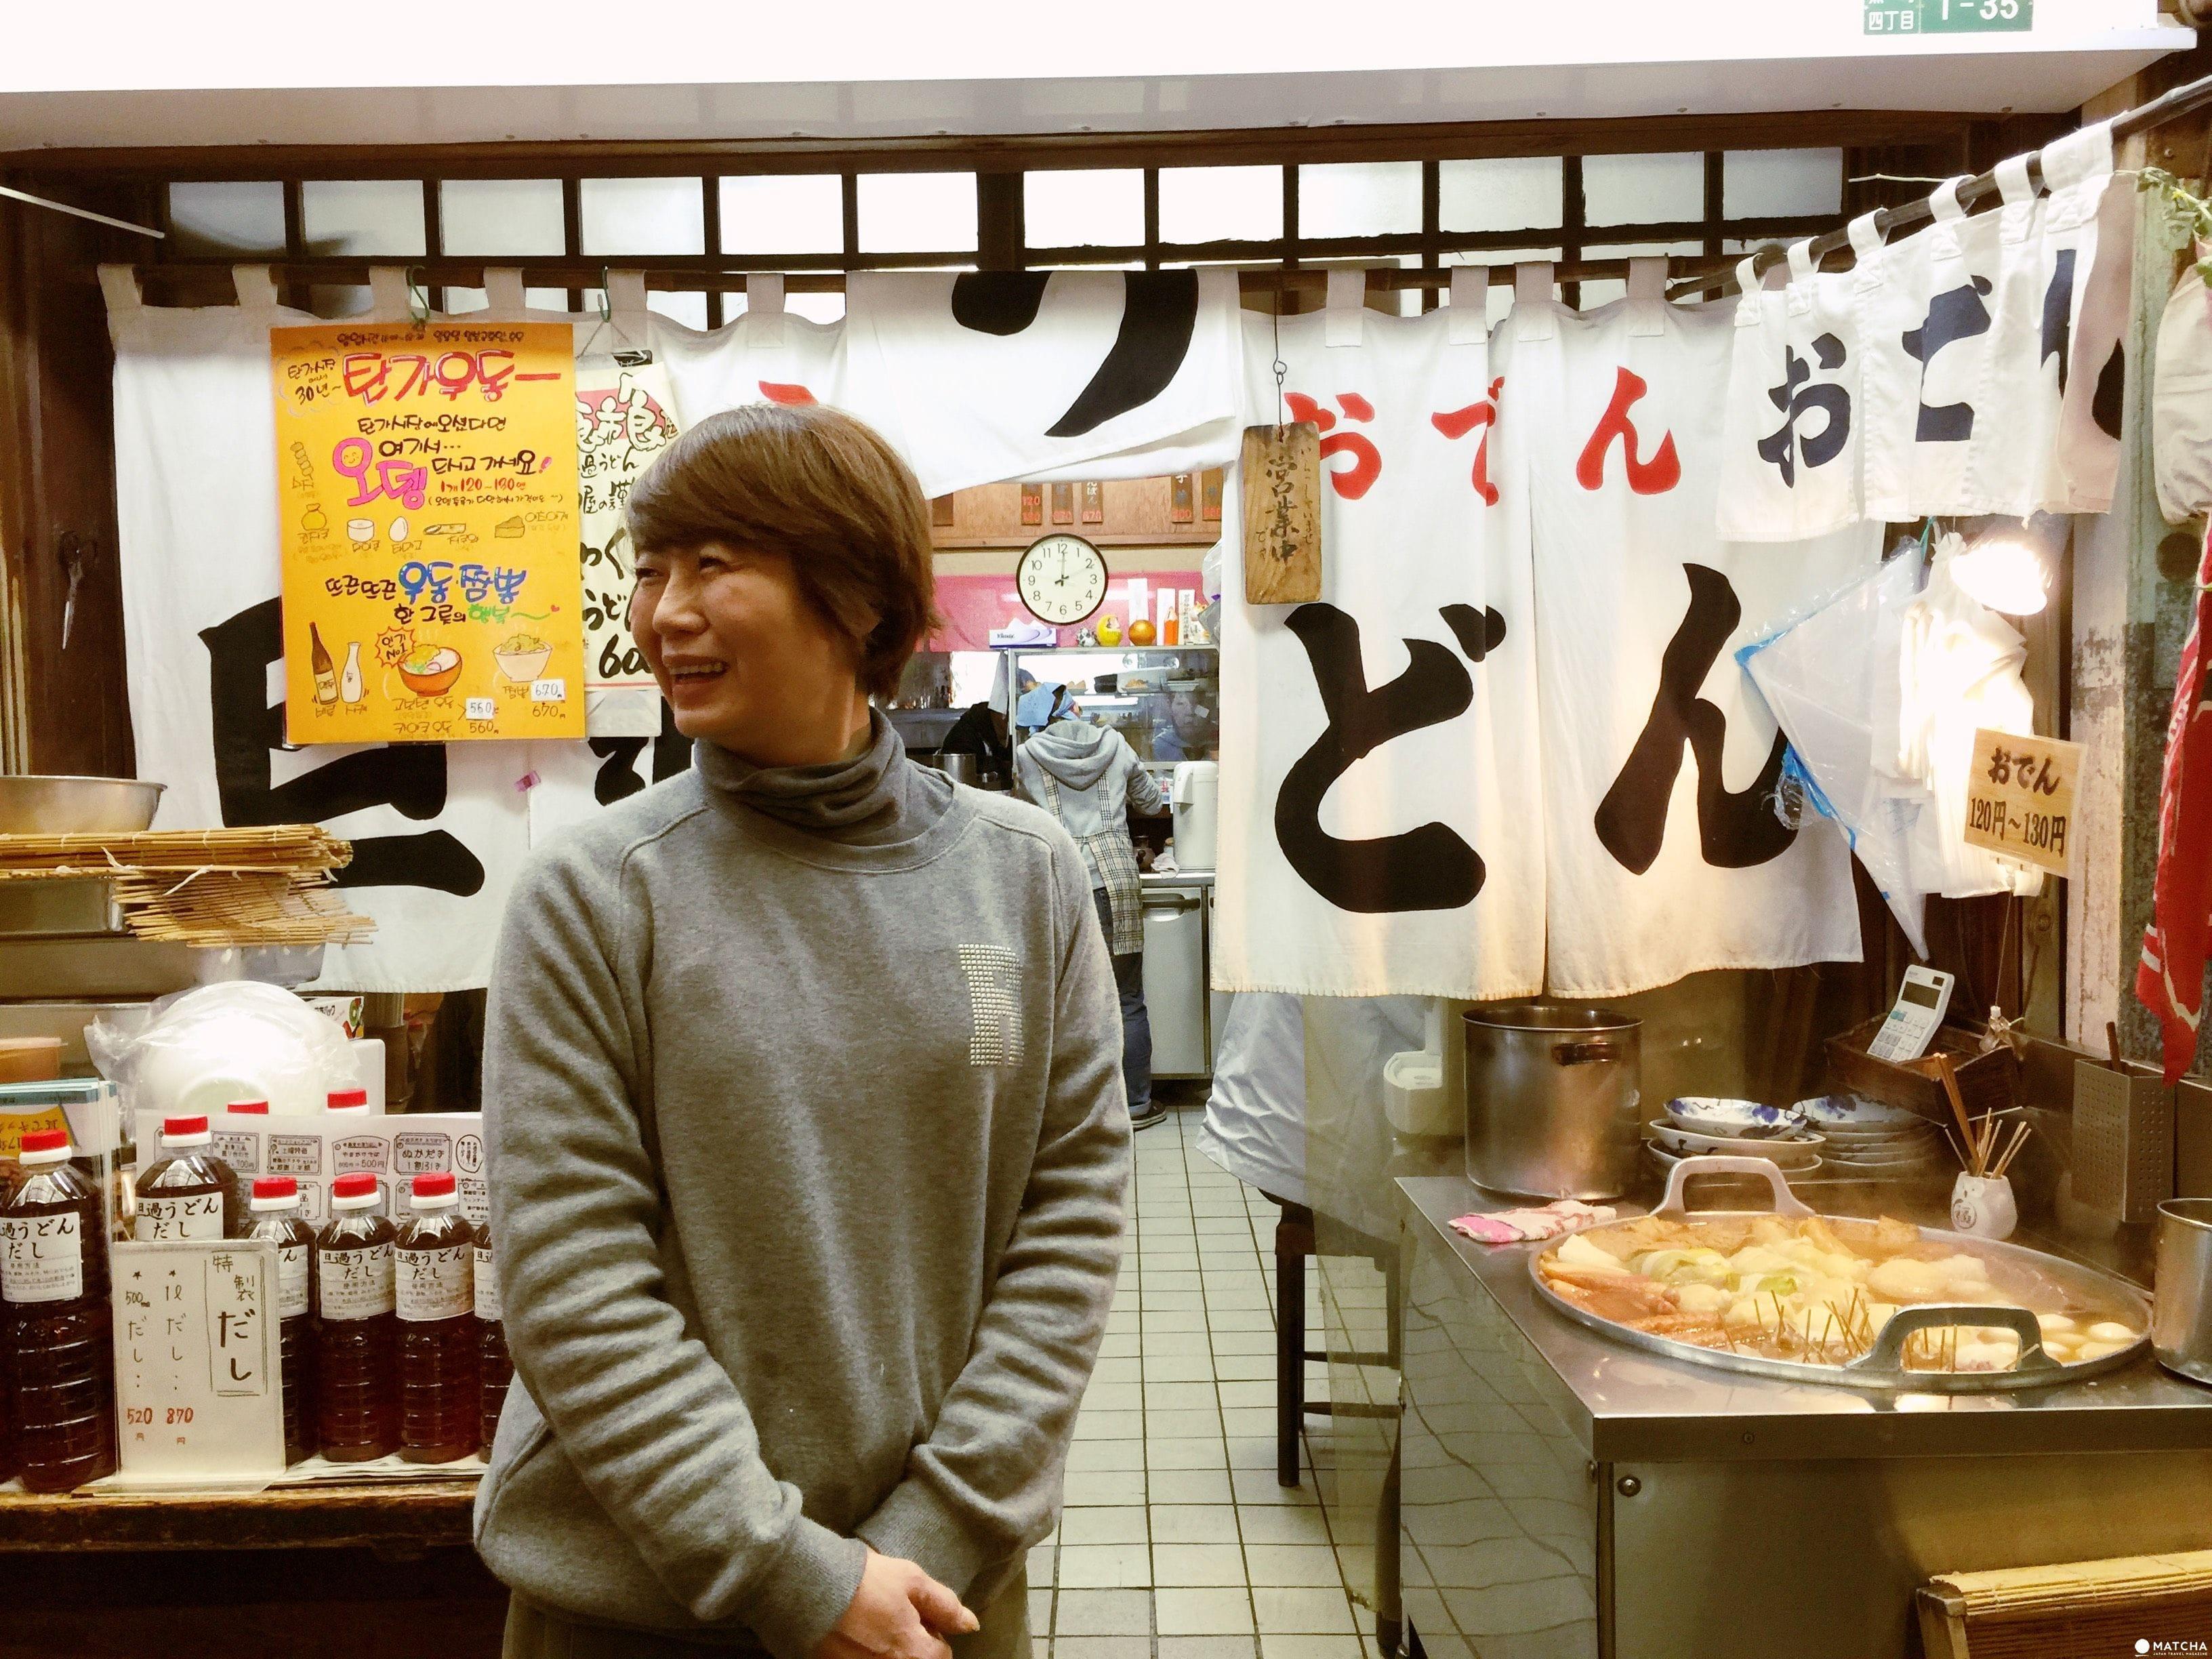 昭和氛圍氣息濃厚的北九州市廚房「旦過市場」